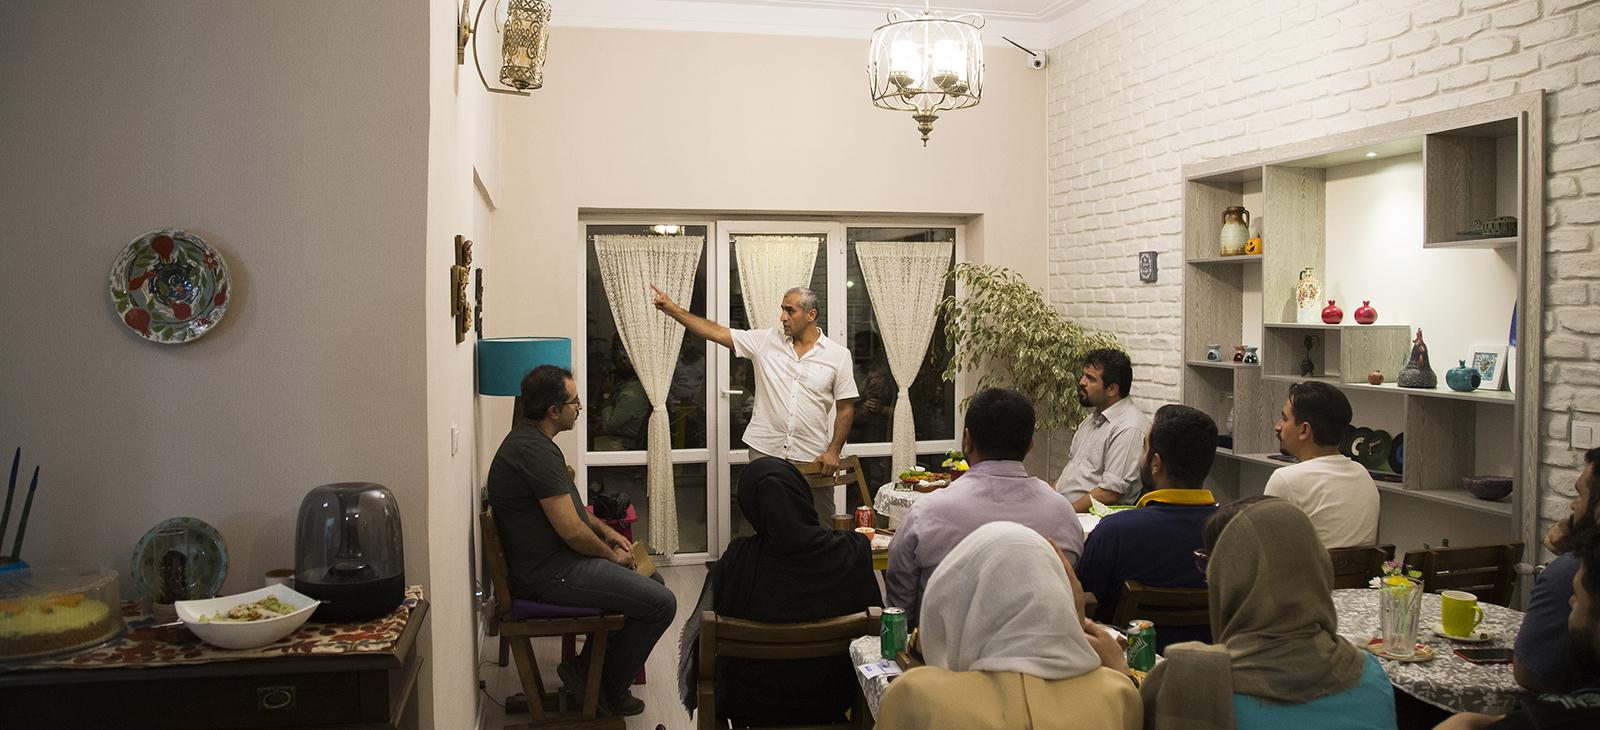 آرش نورآقایی در خانه فرهنگی آنسو